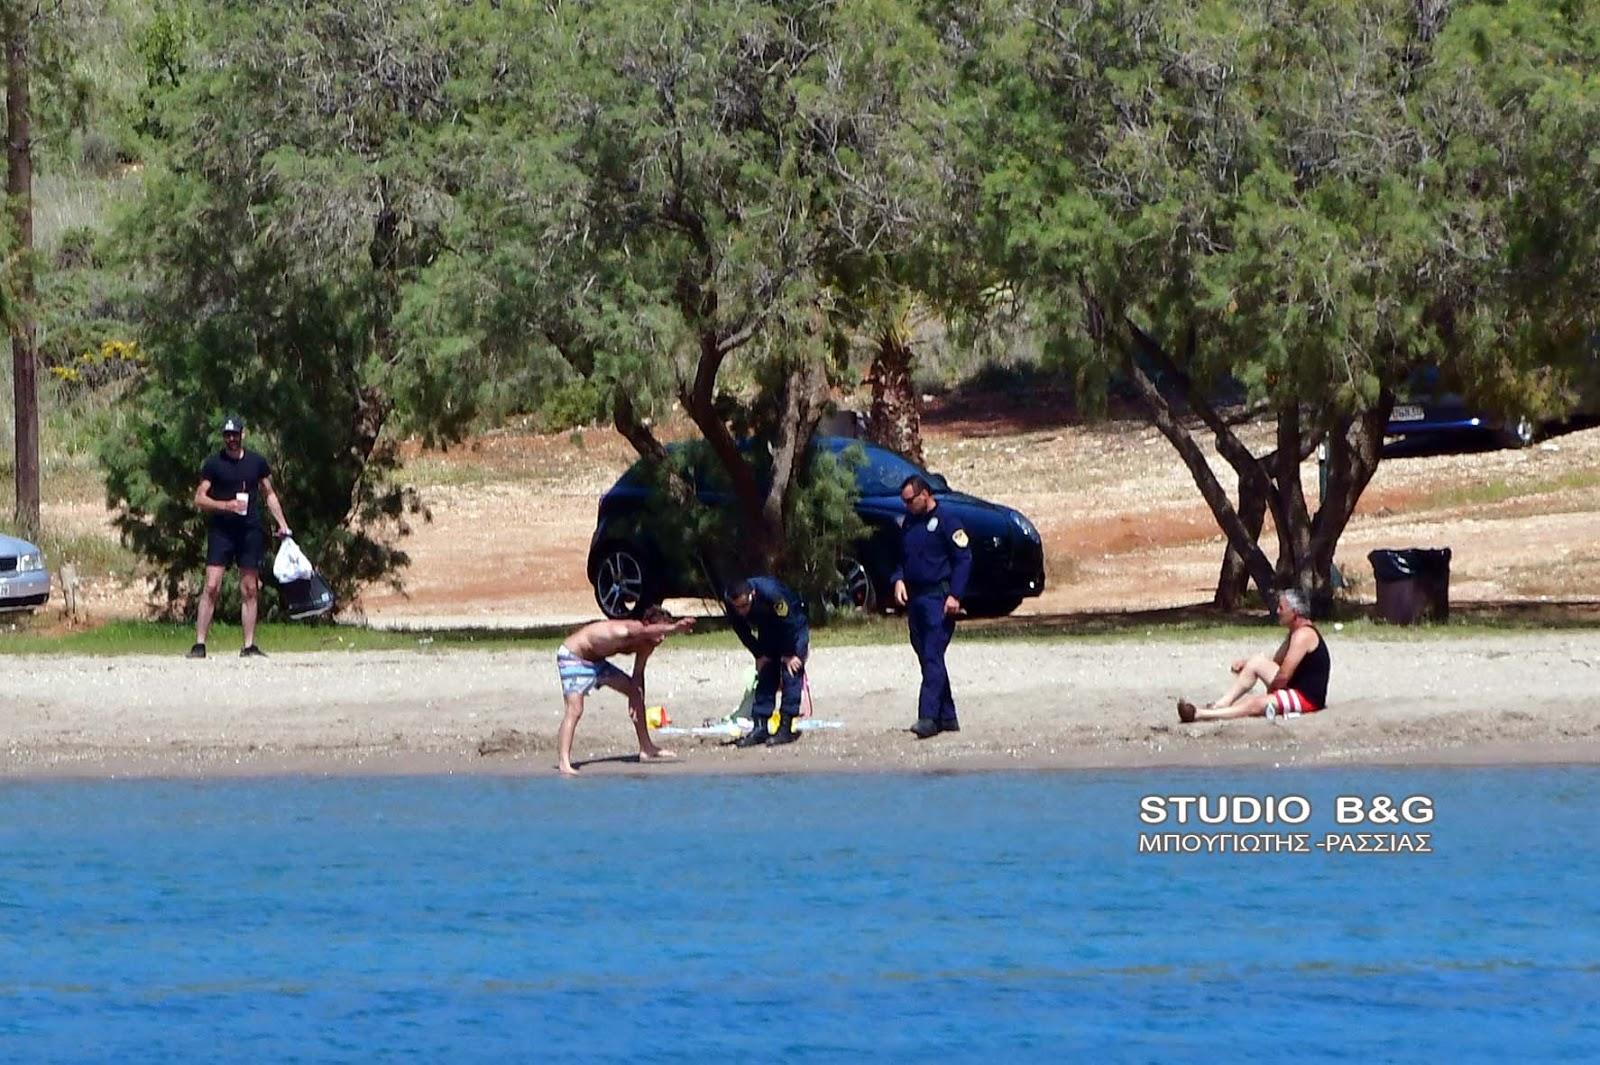 Εμφάνιση περίεργου υλικού στην παραλία της Καραθώνας